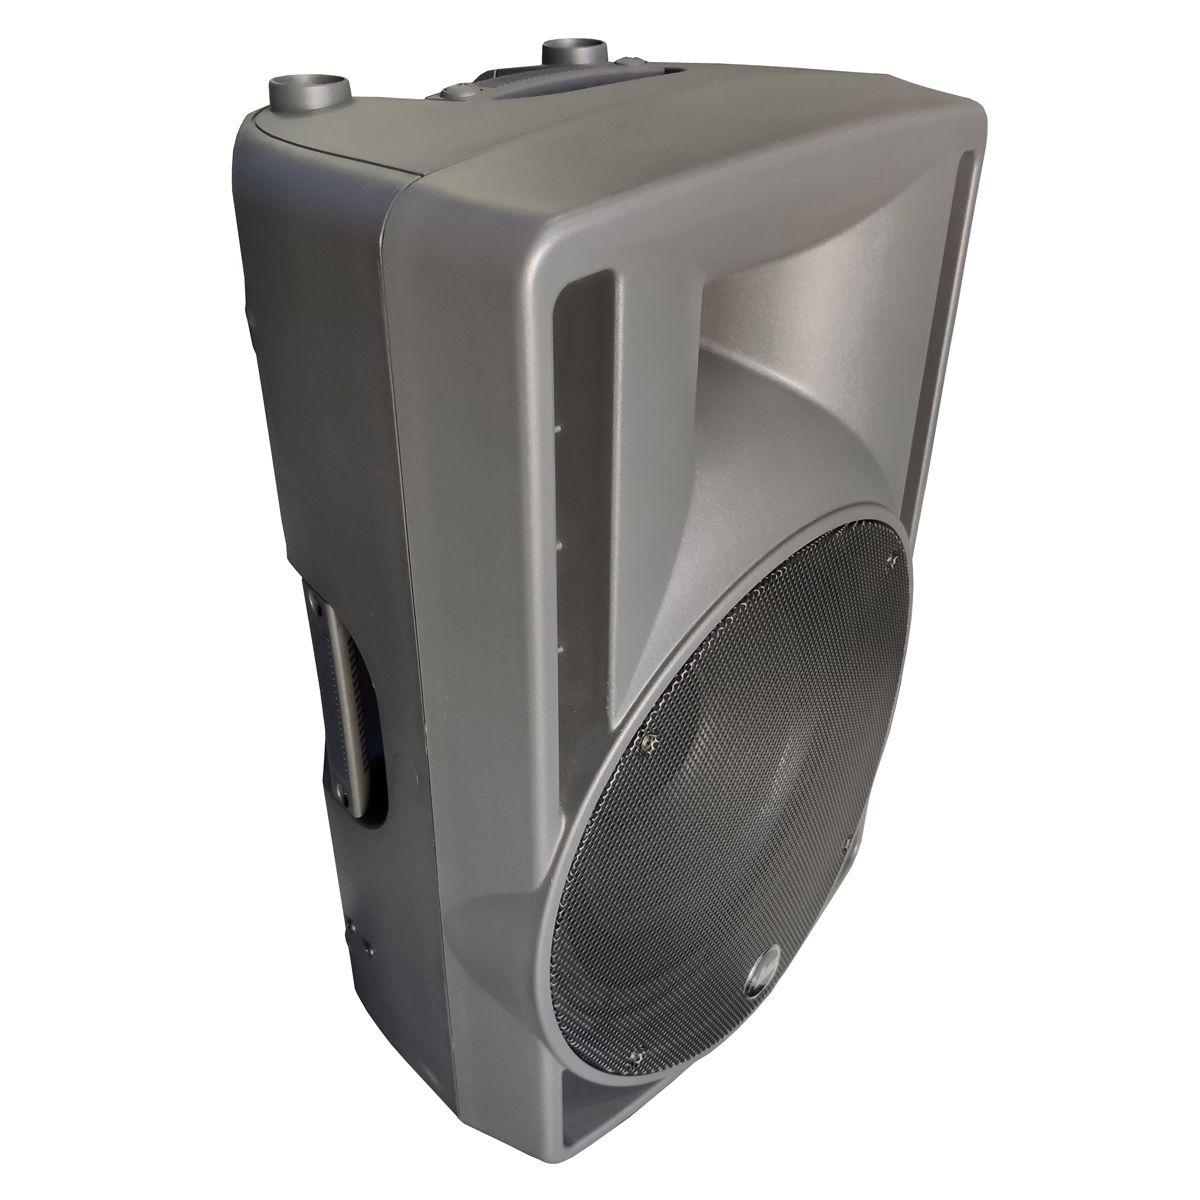 Caixa Acústica Passiva LT 1200 300w - Leacs  - RS Som e Luz!